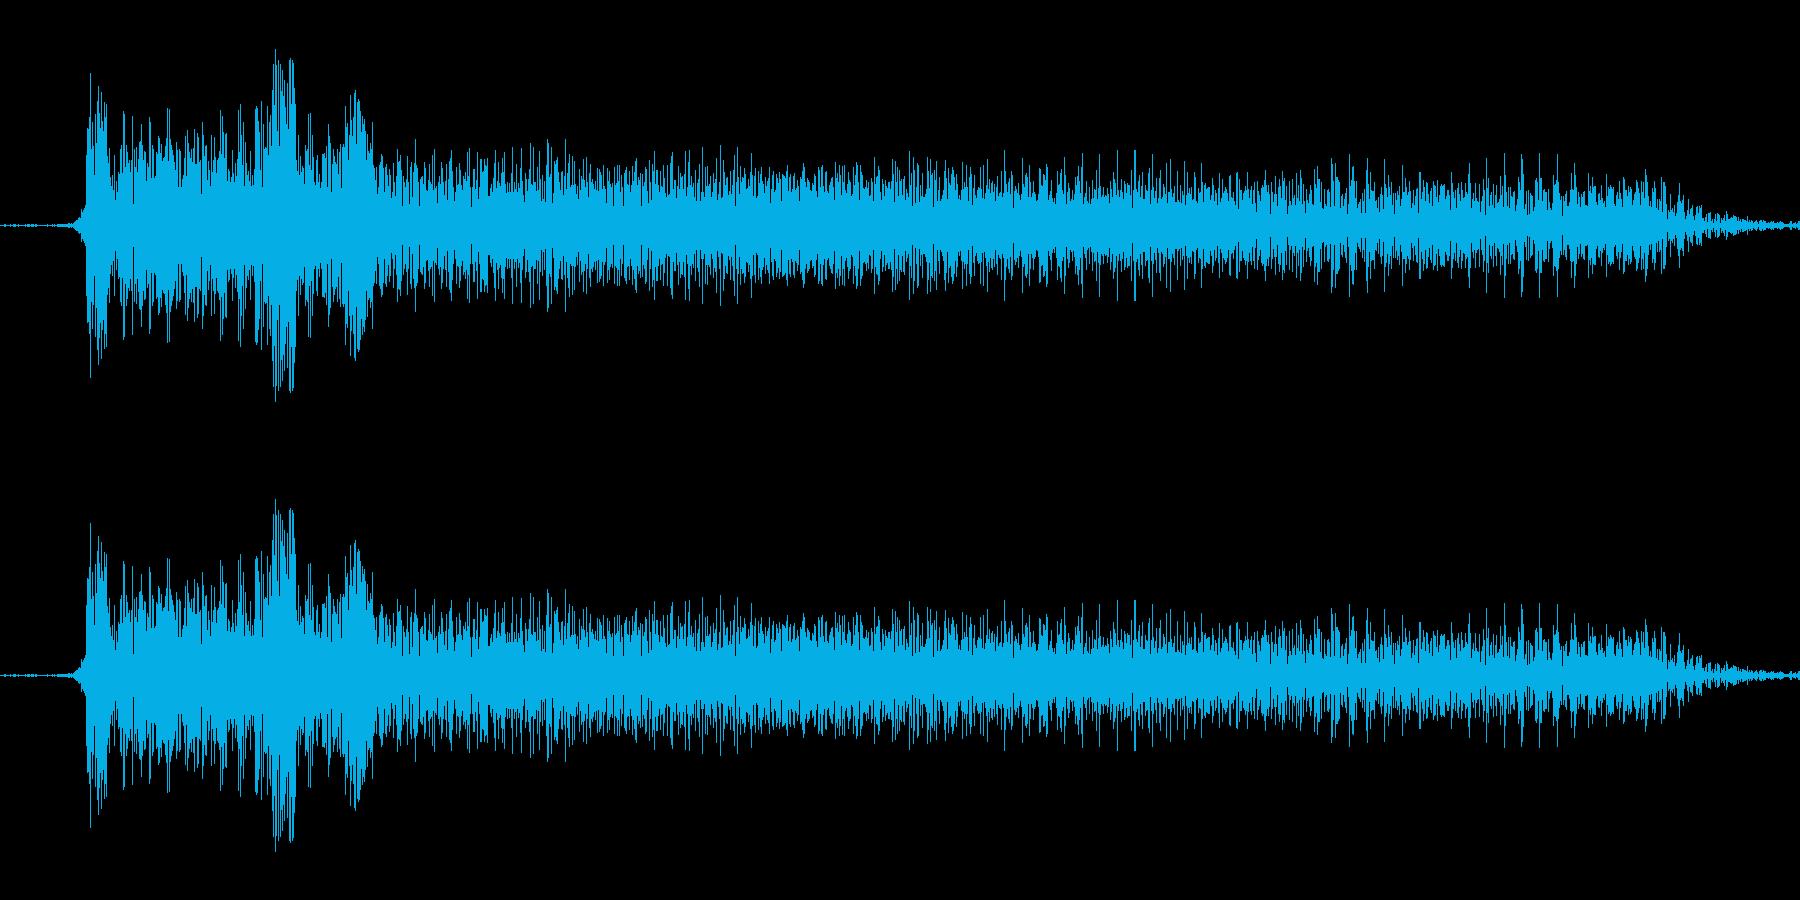 【うわ~】Byエレキギターの再生済みの波形